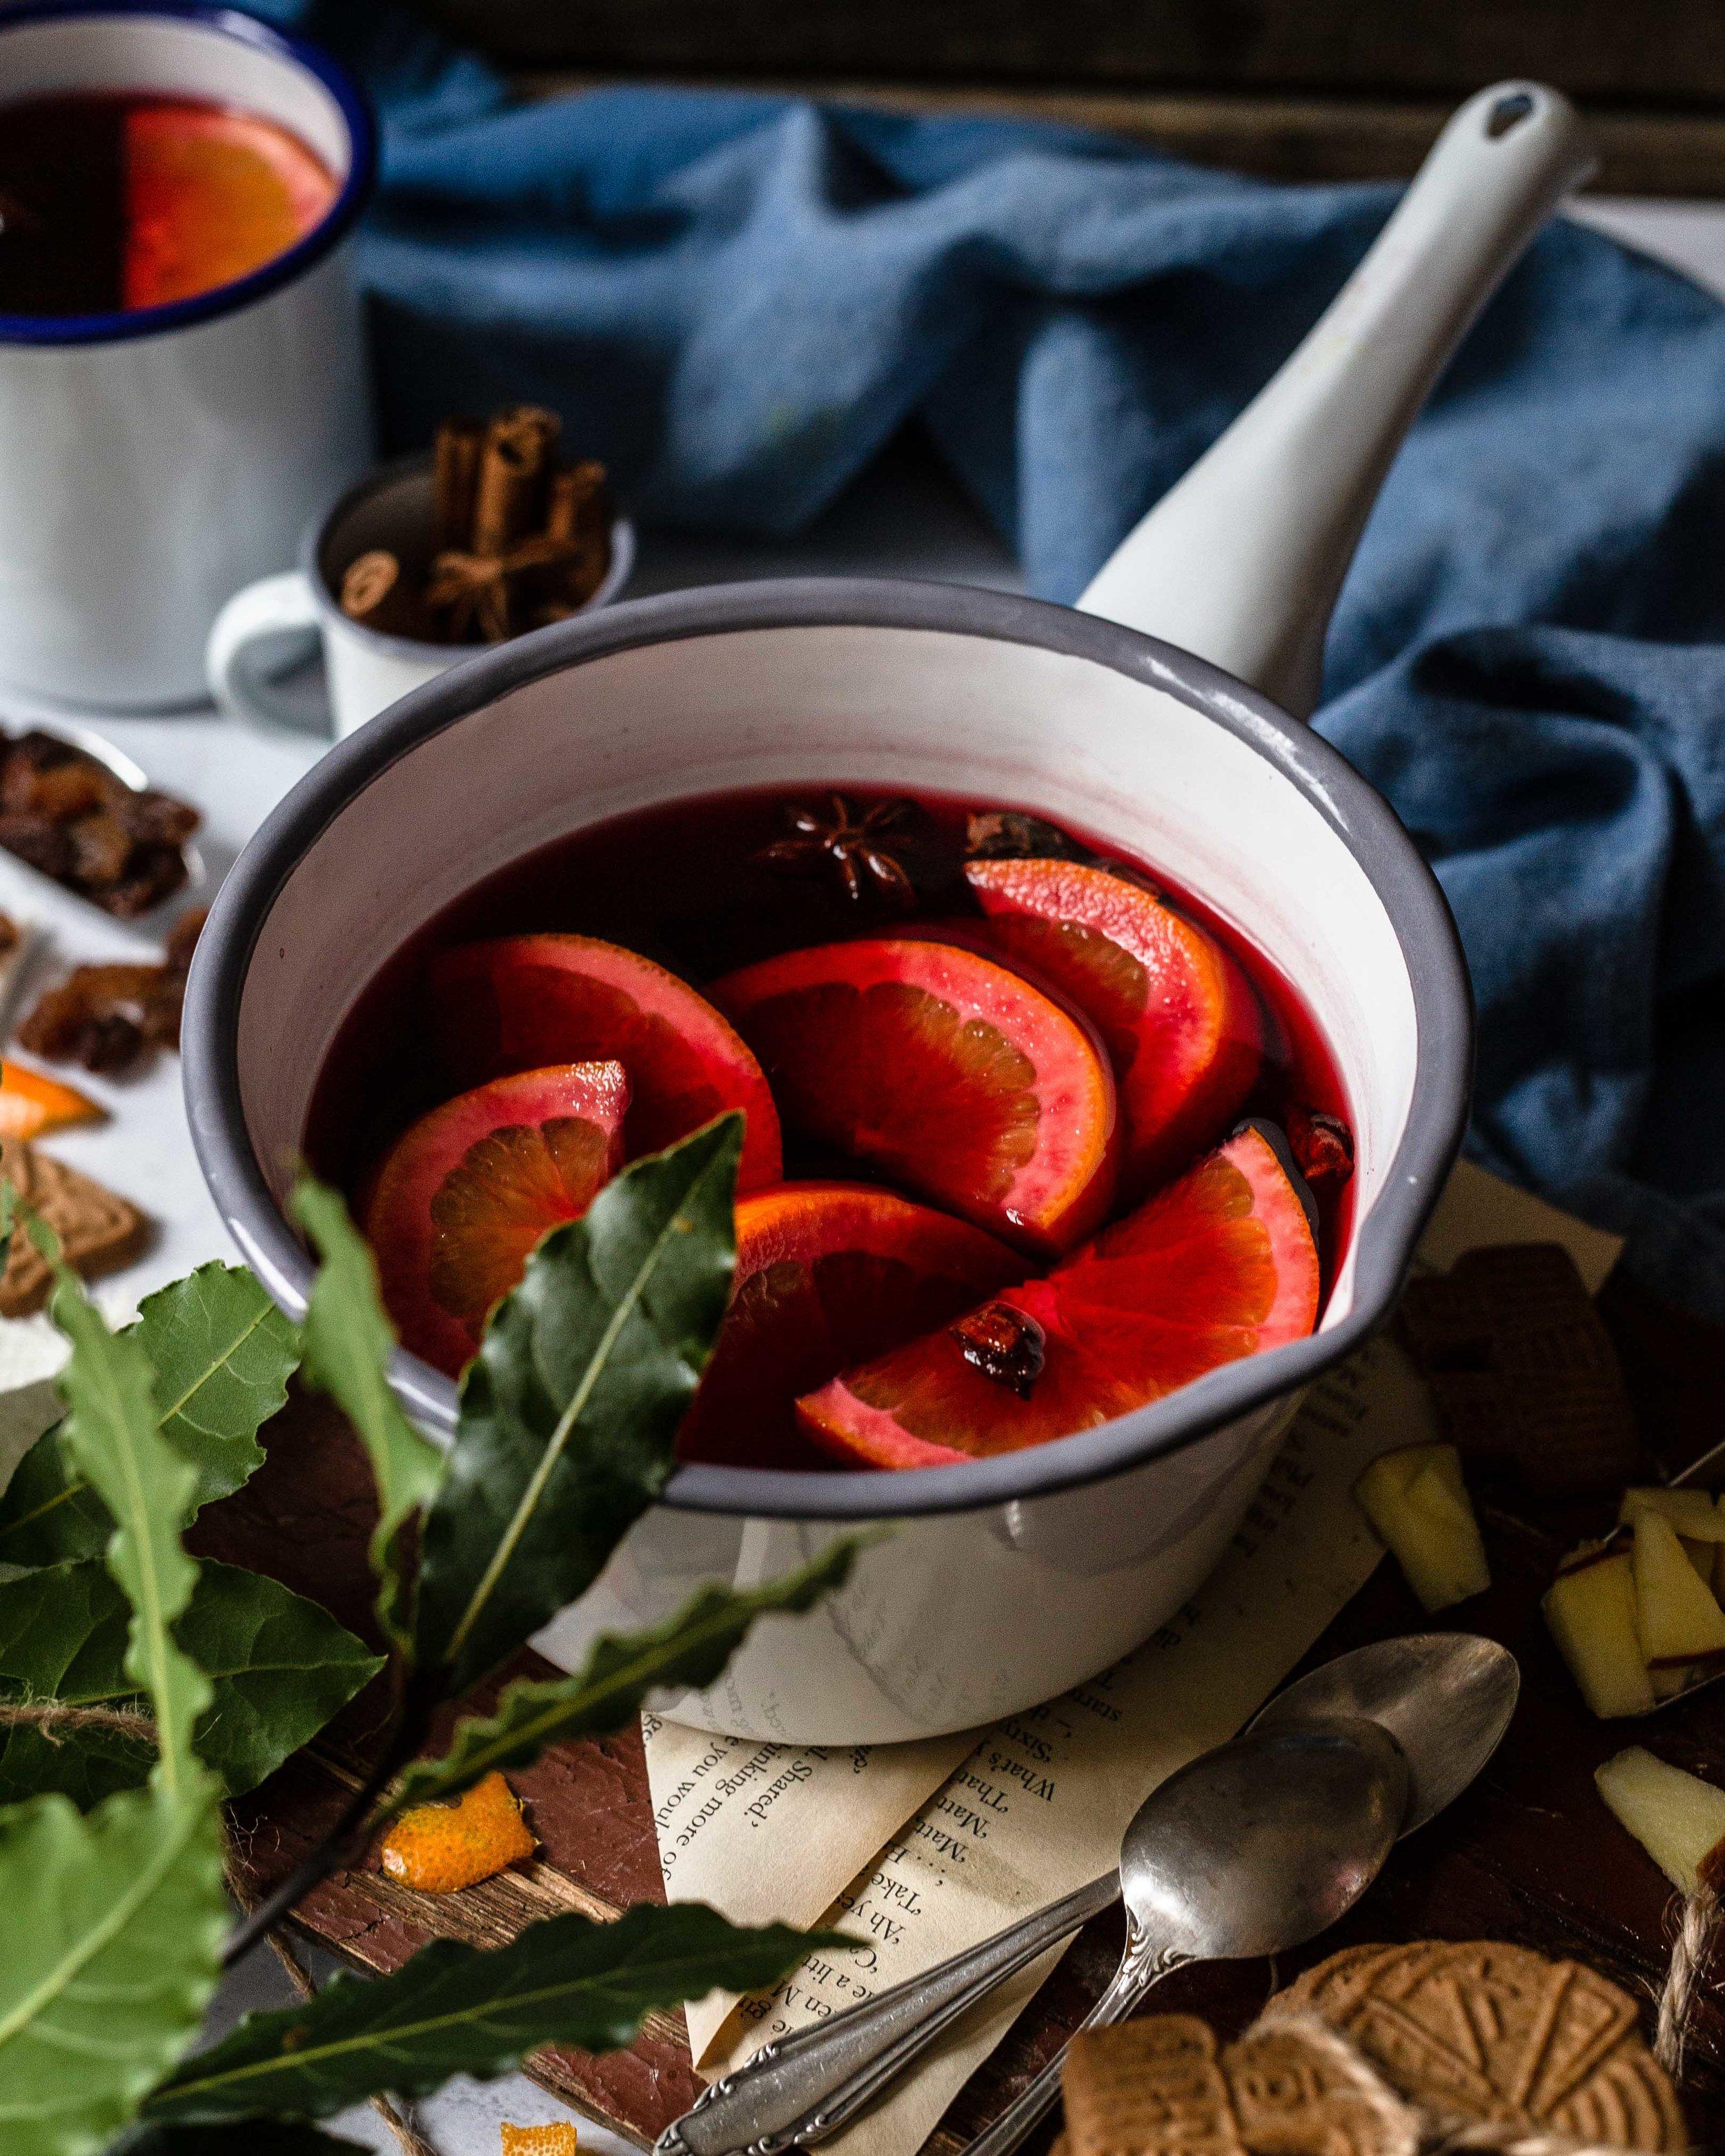 Emaille Punsch Glühwein Foodfotografie